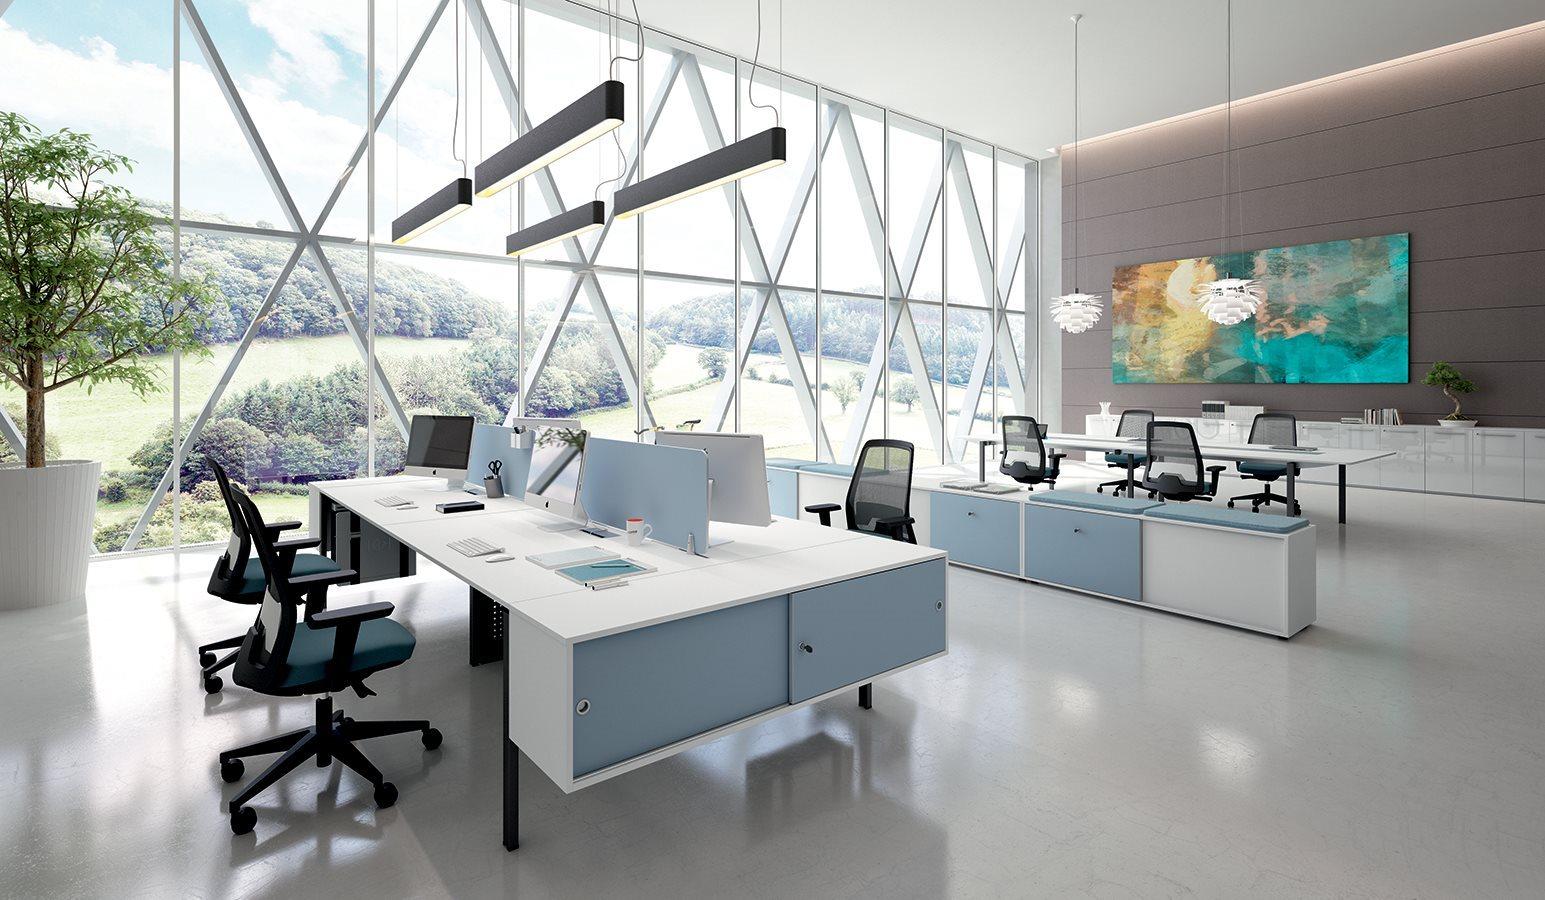 Operative 20 plan urban office arredamenti per ufficio for Scrivanie operative ufficio